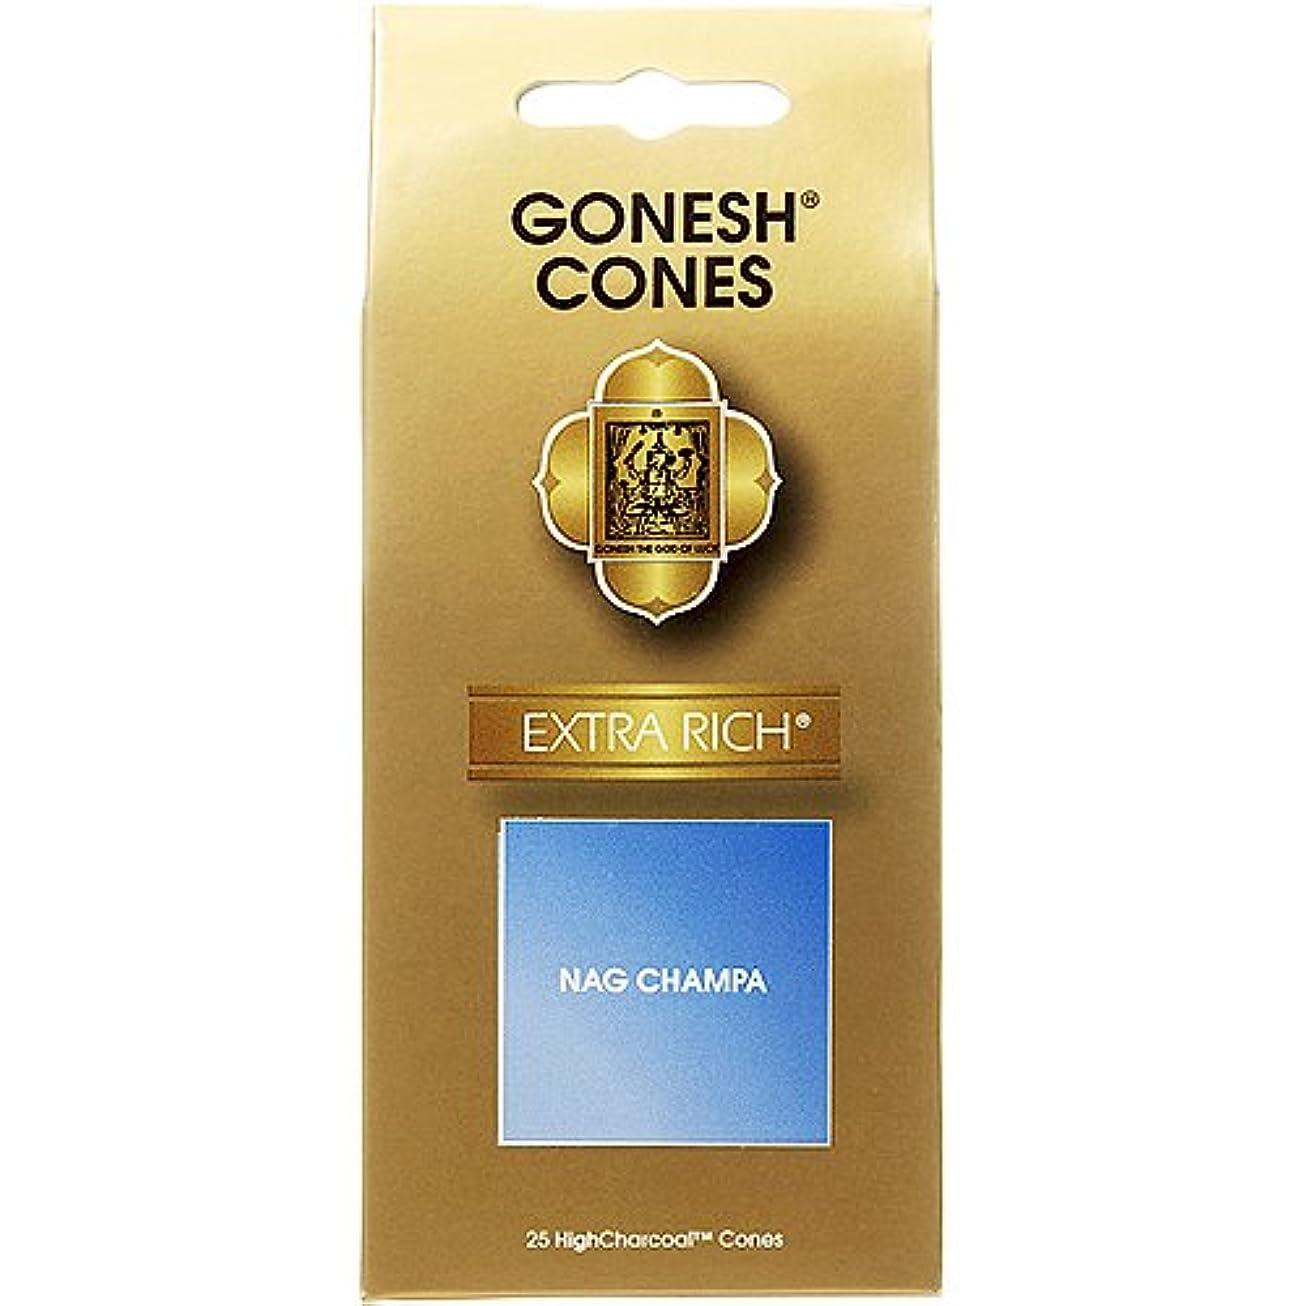 スライス離れた減るガーネッシュ(GONESH) エクストラリッチ インセンス コーン ナグチャンパ 25ヶ入